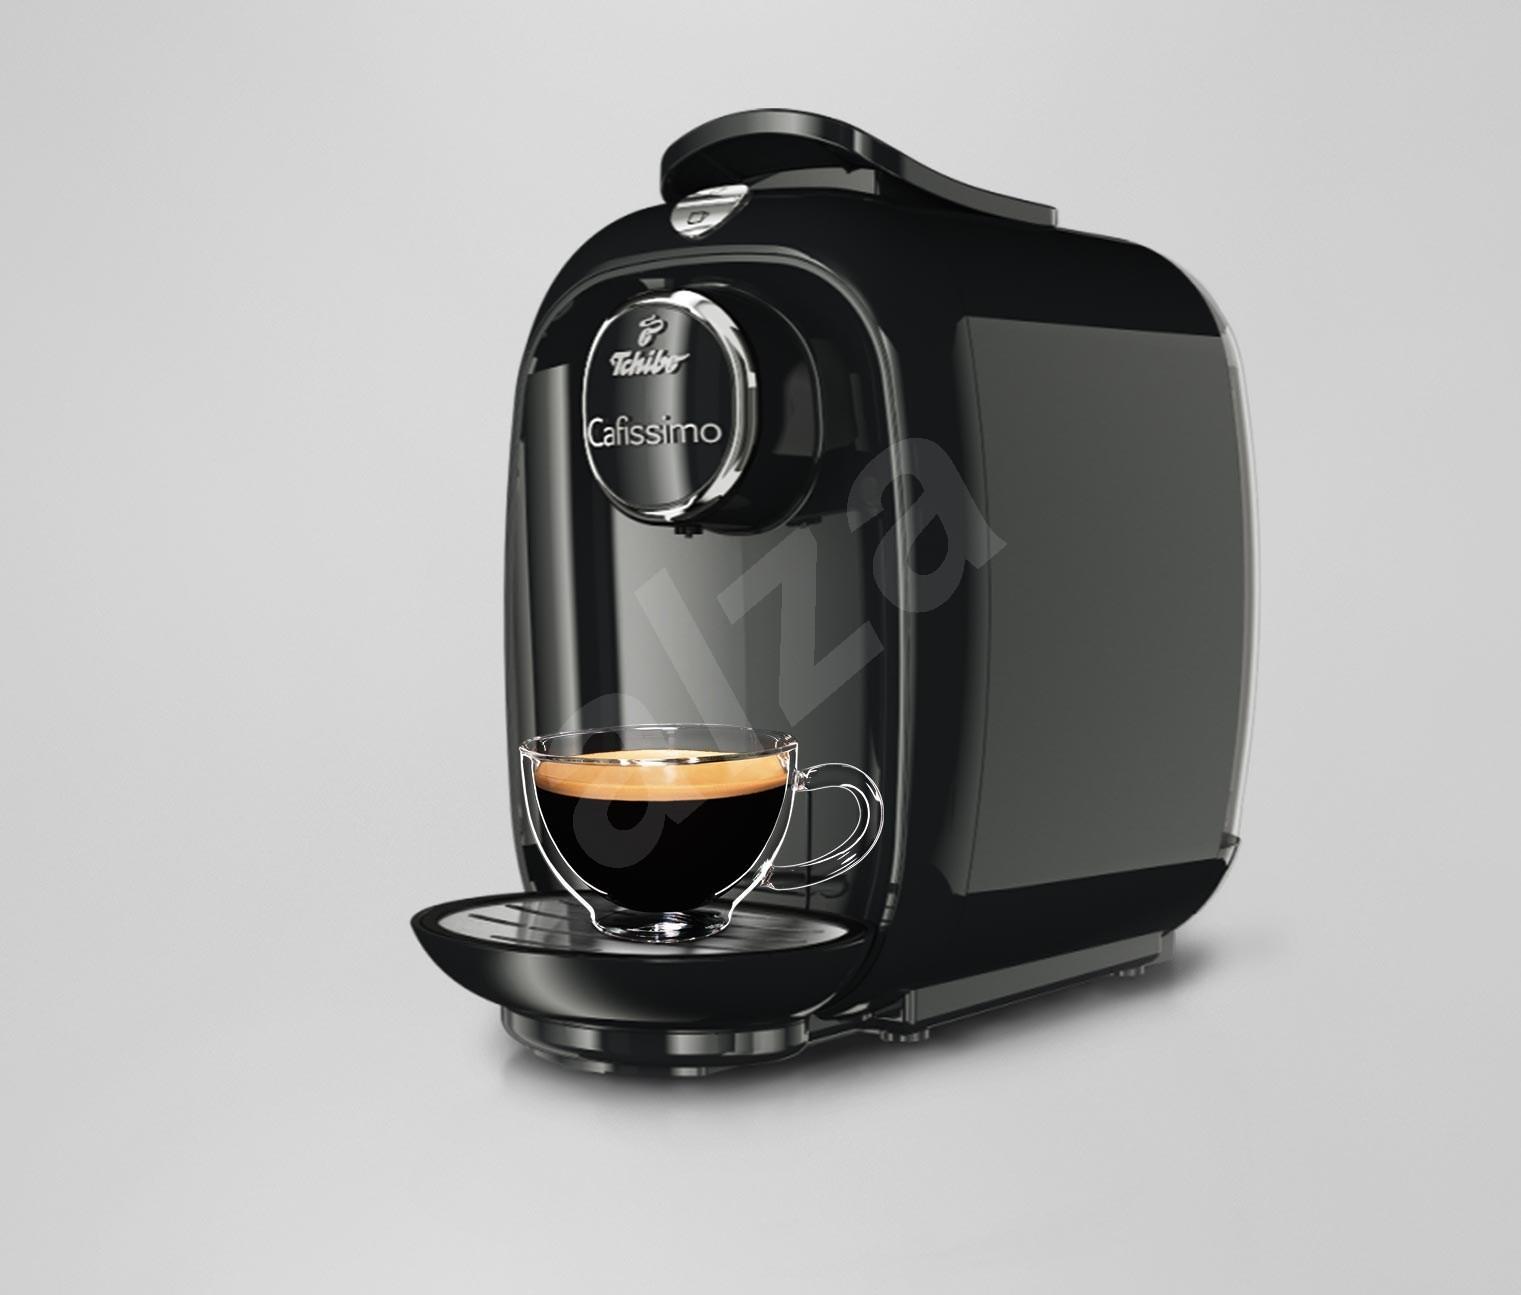 Tchibo cafissimo picco black volcano espresso machine for Picco espressomaschine